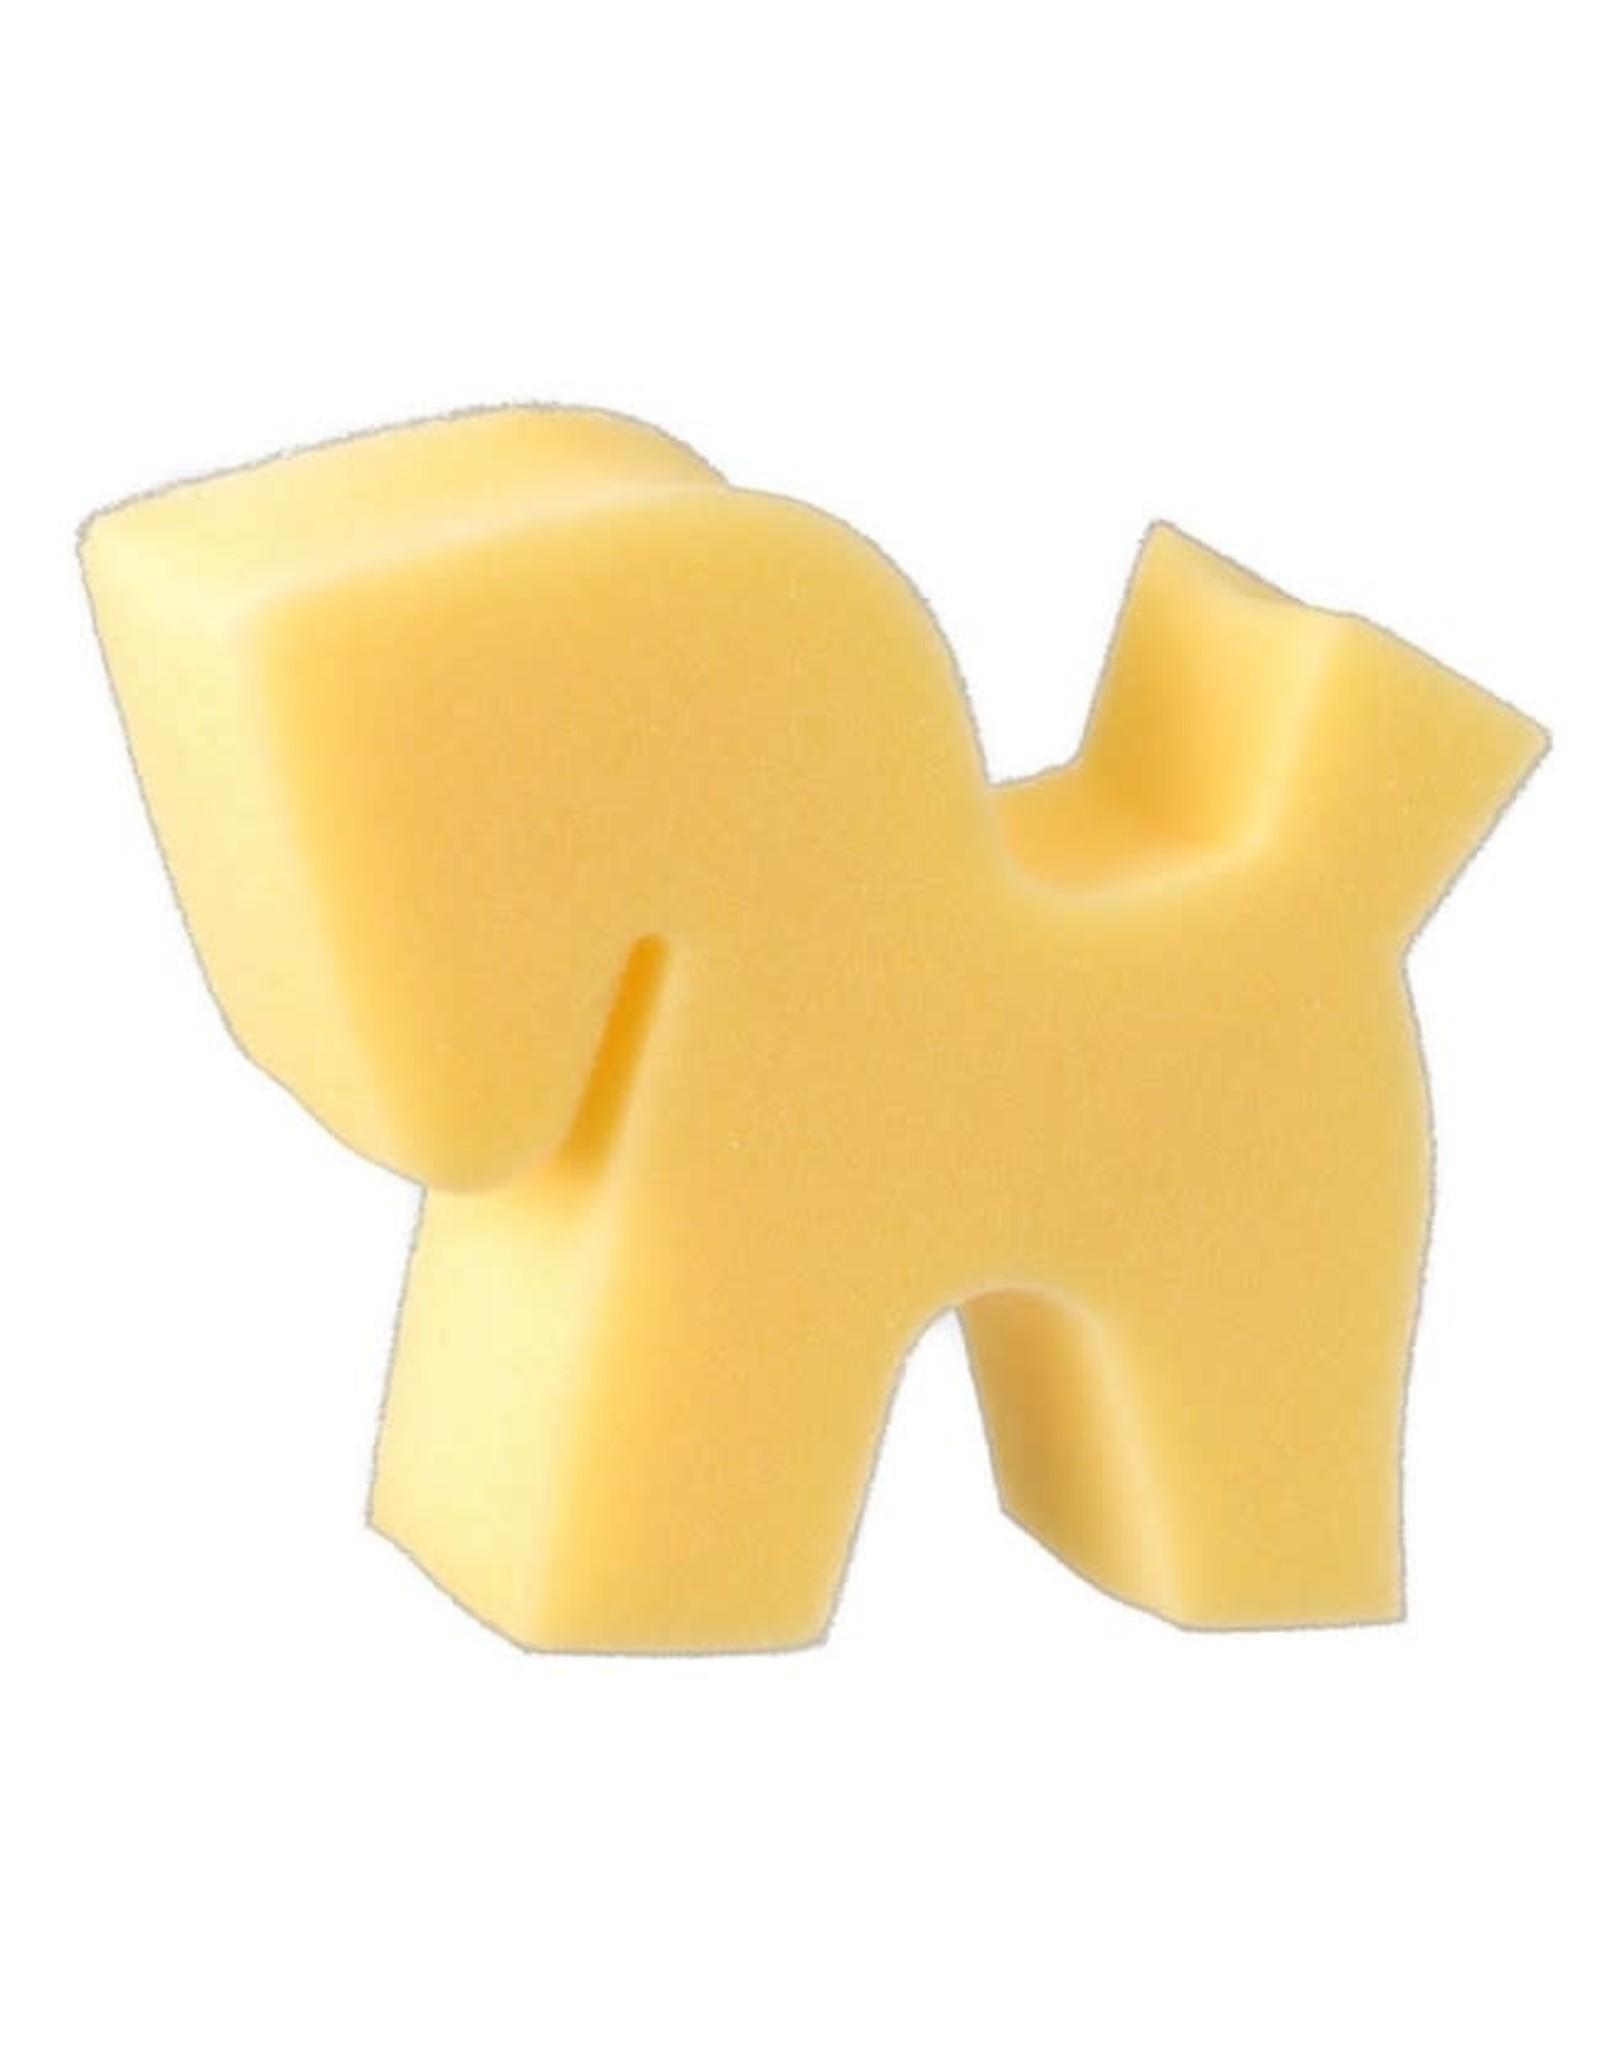 Sponge Horse Head